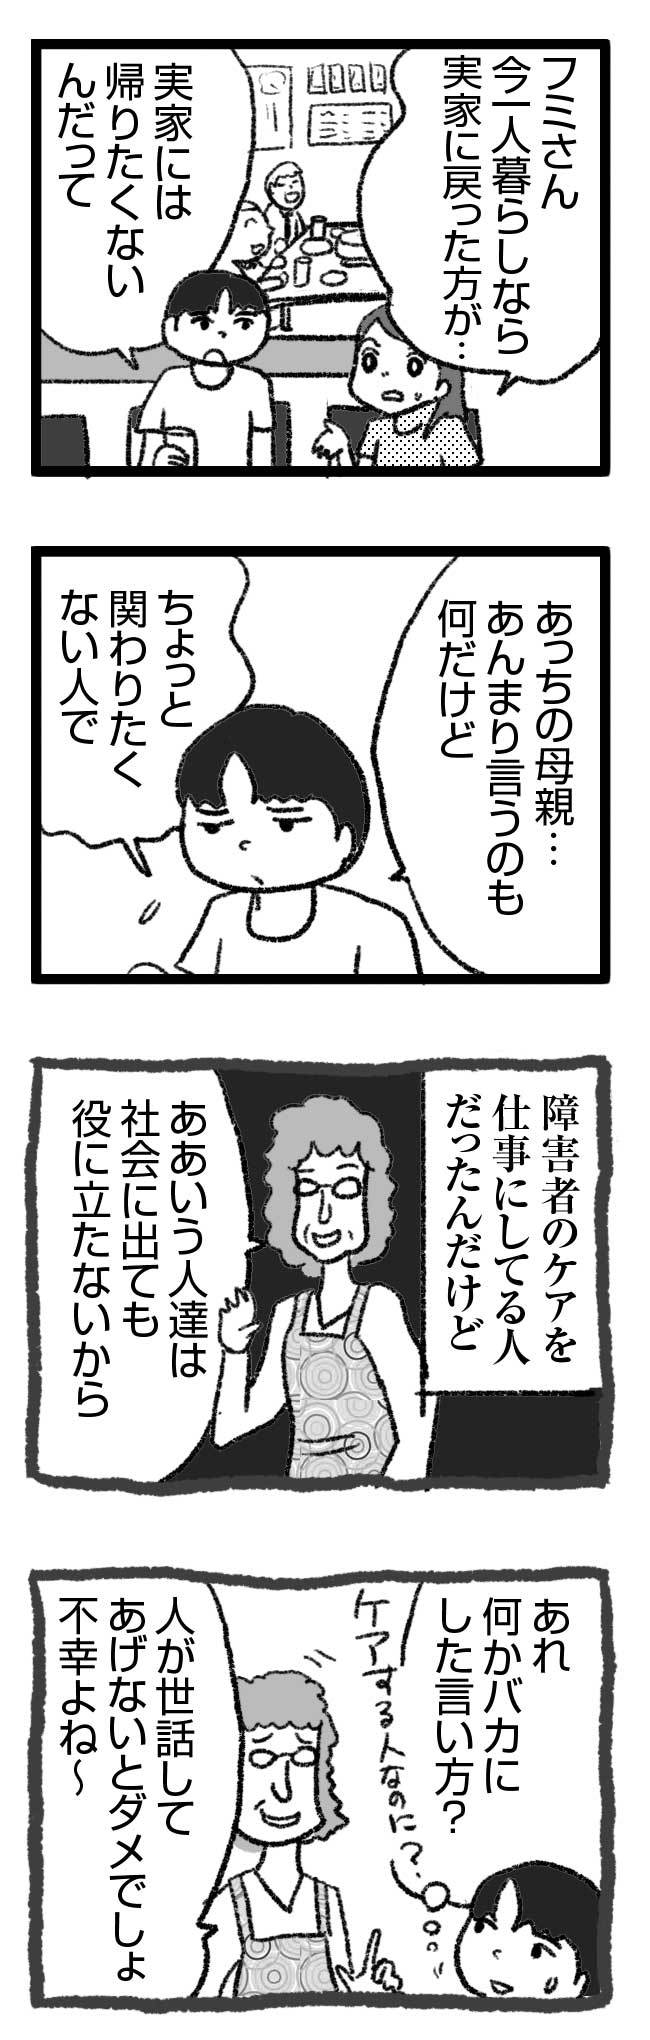 595 フミさんの母 2 結婚 離婚 別居 別居中 メンヘラ うつ 辛い 依存 共依存 妻 夫 実は 漫画 まんが マンガ